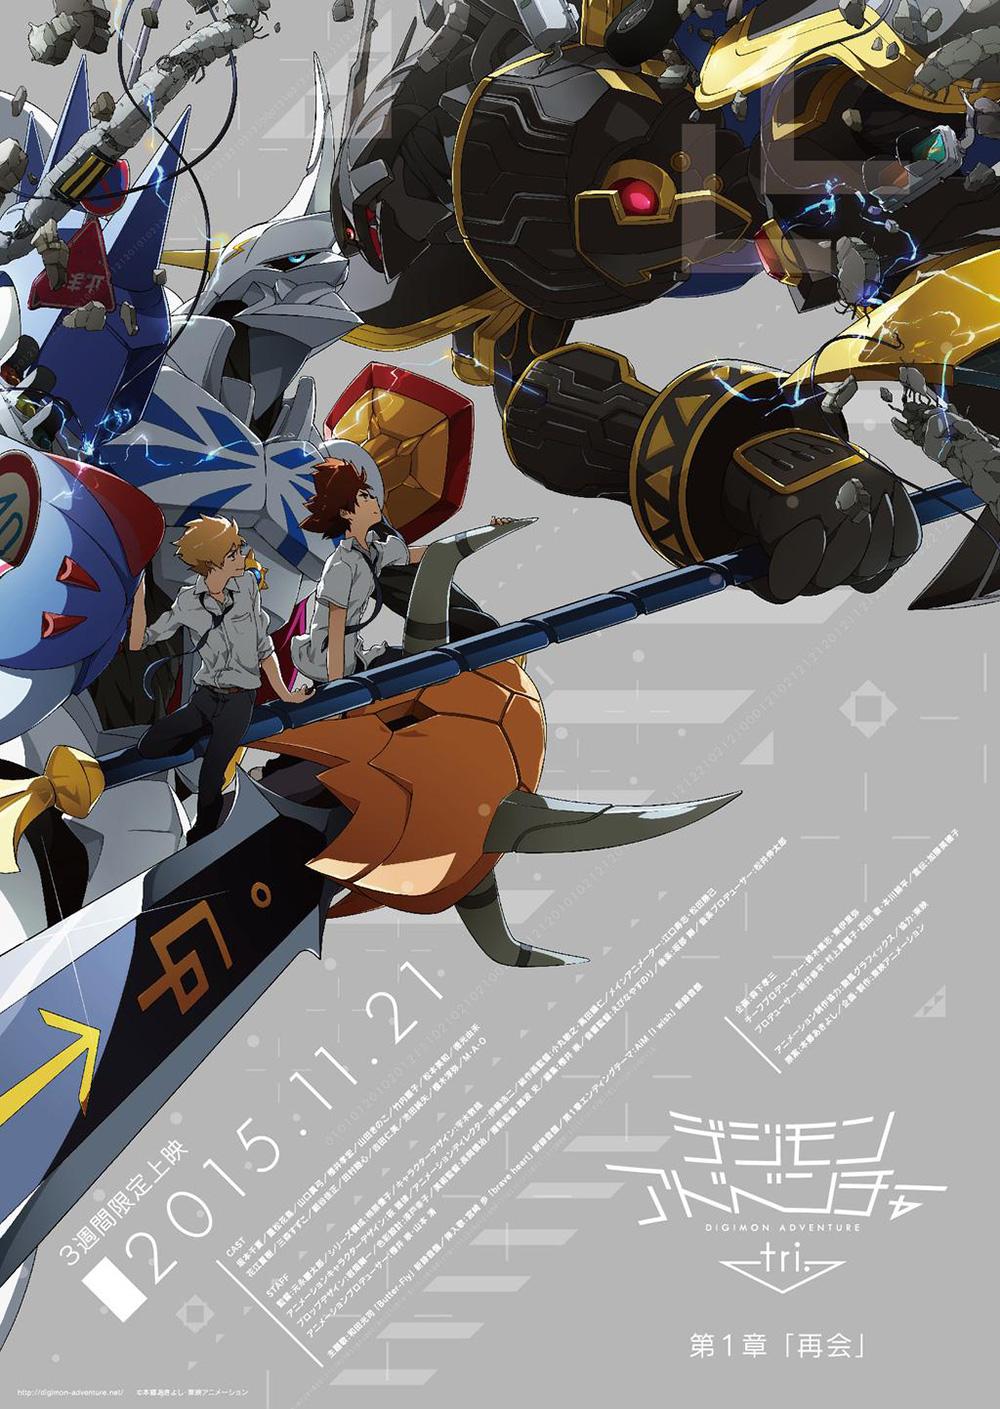 Digimon-Adventure-tri.-Visual-5